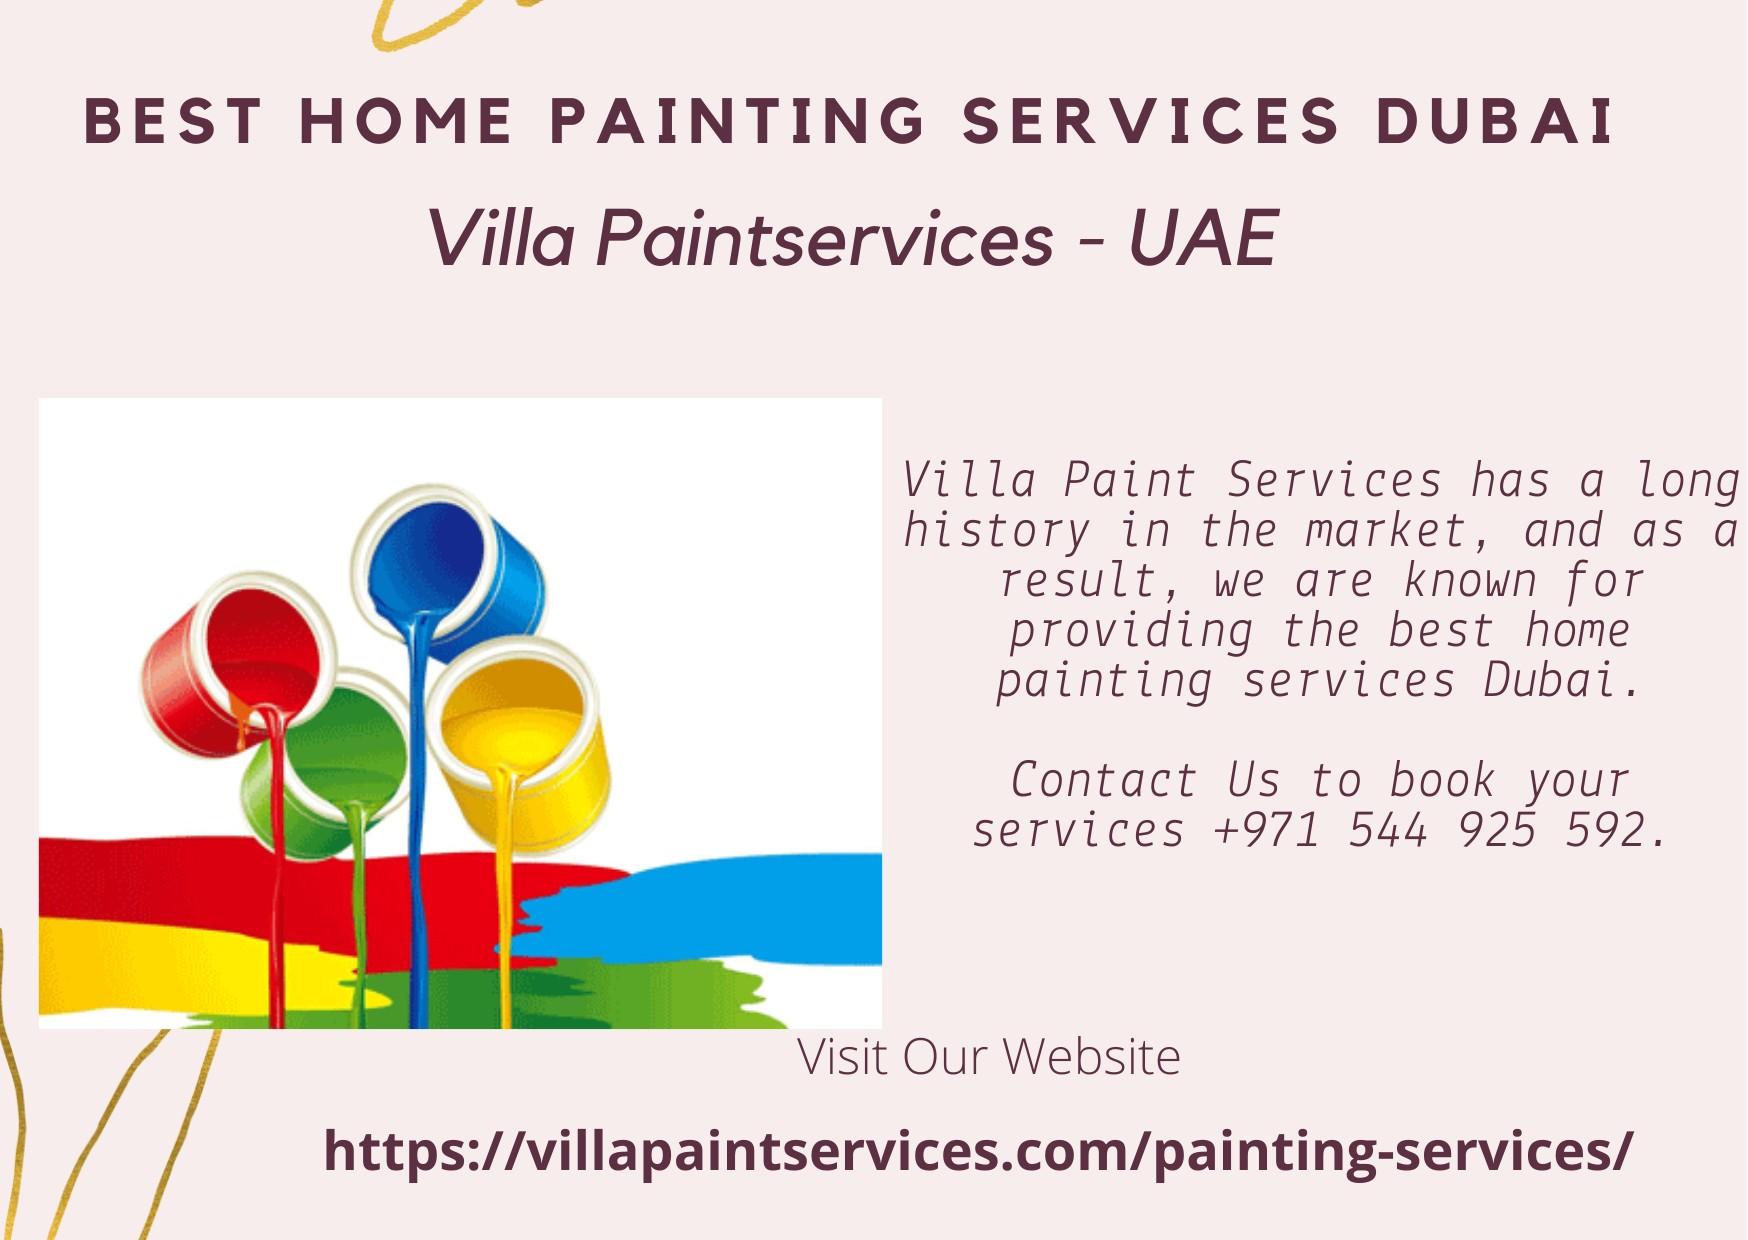 Best Home Painting Services Dubai | Villa Paints - UAE